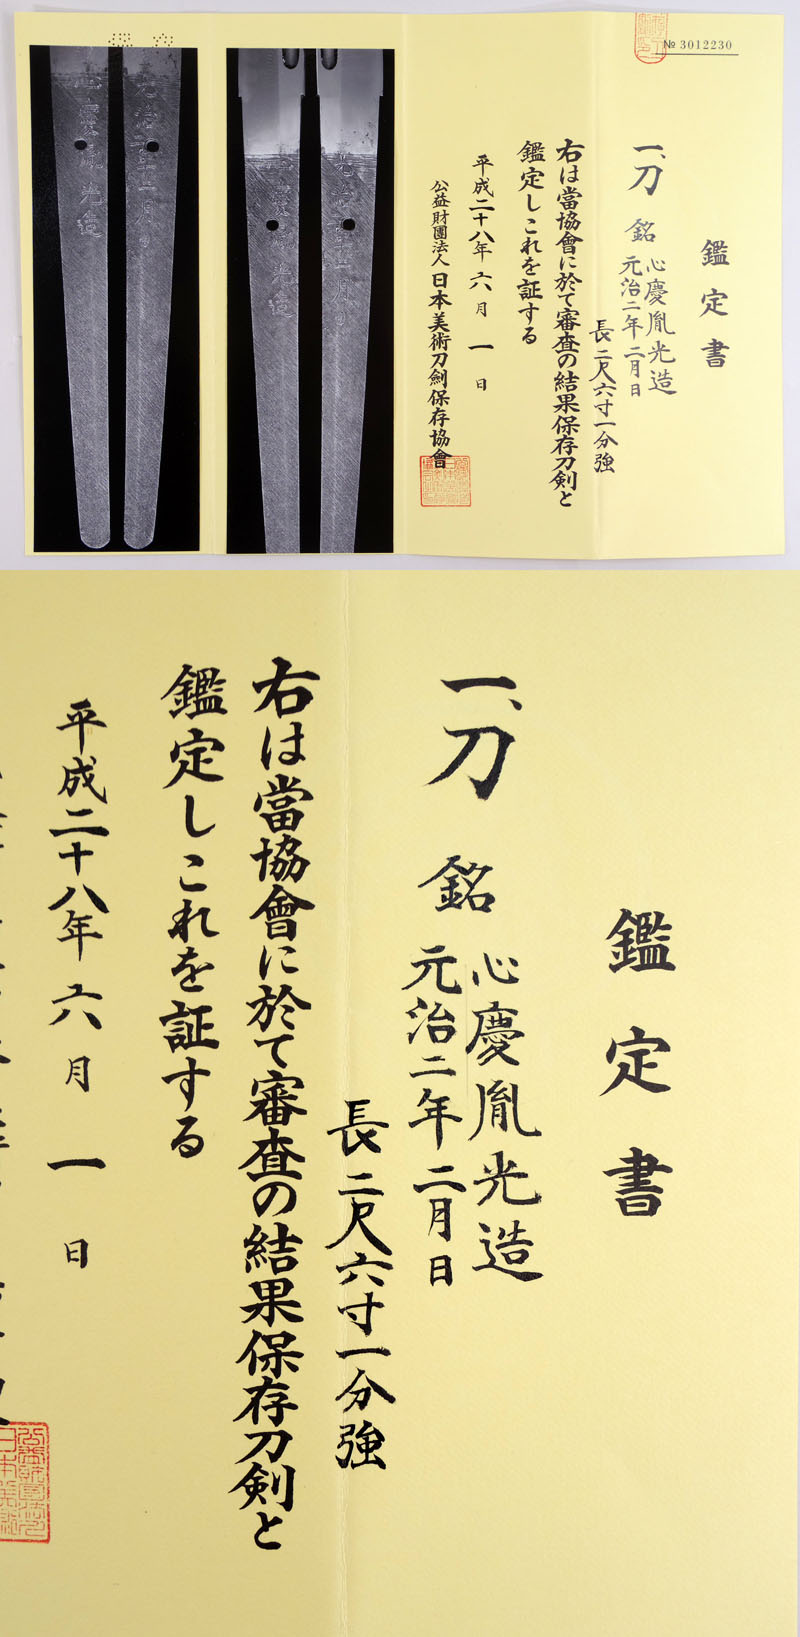 心慶胤光造(大慶直胤の門人) Picture of Certificate